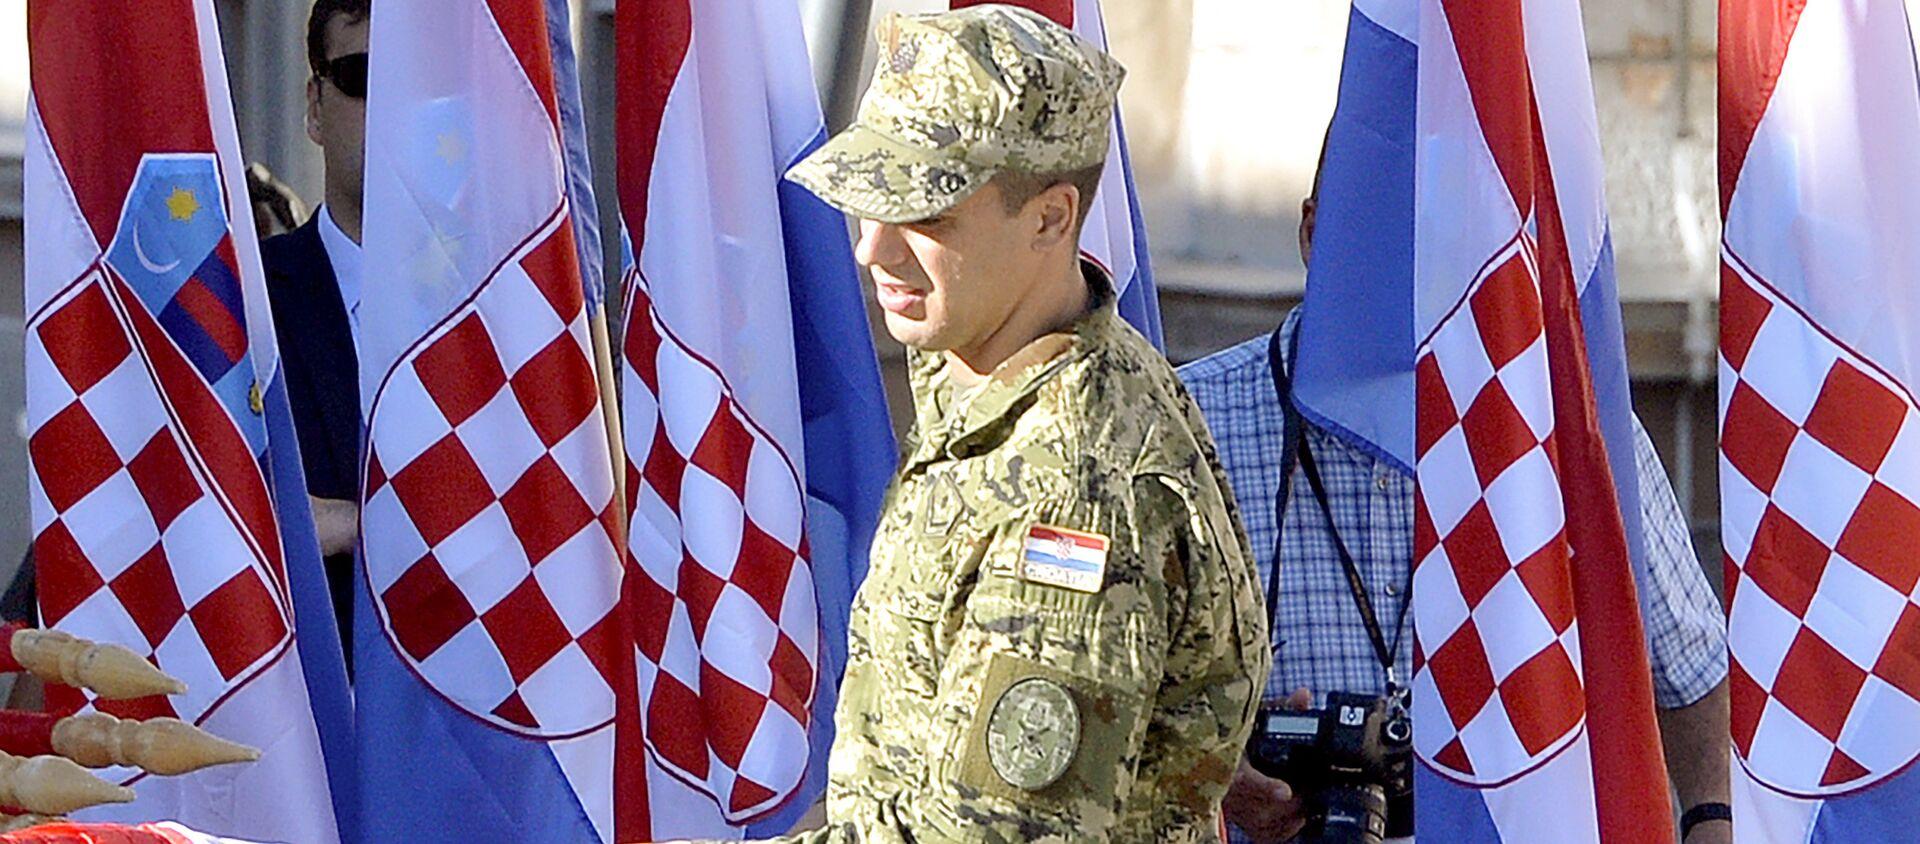 Podizanjem šahovnice na tvrđavi u Kninu je počela centralna proslava Dana pobede i domovinske zahvalnosti - Sputnik Srbija, 1920, 22.09.2020